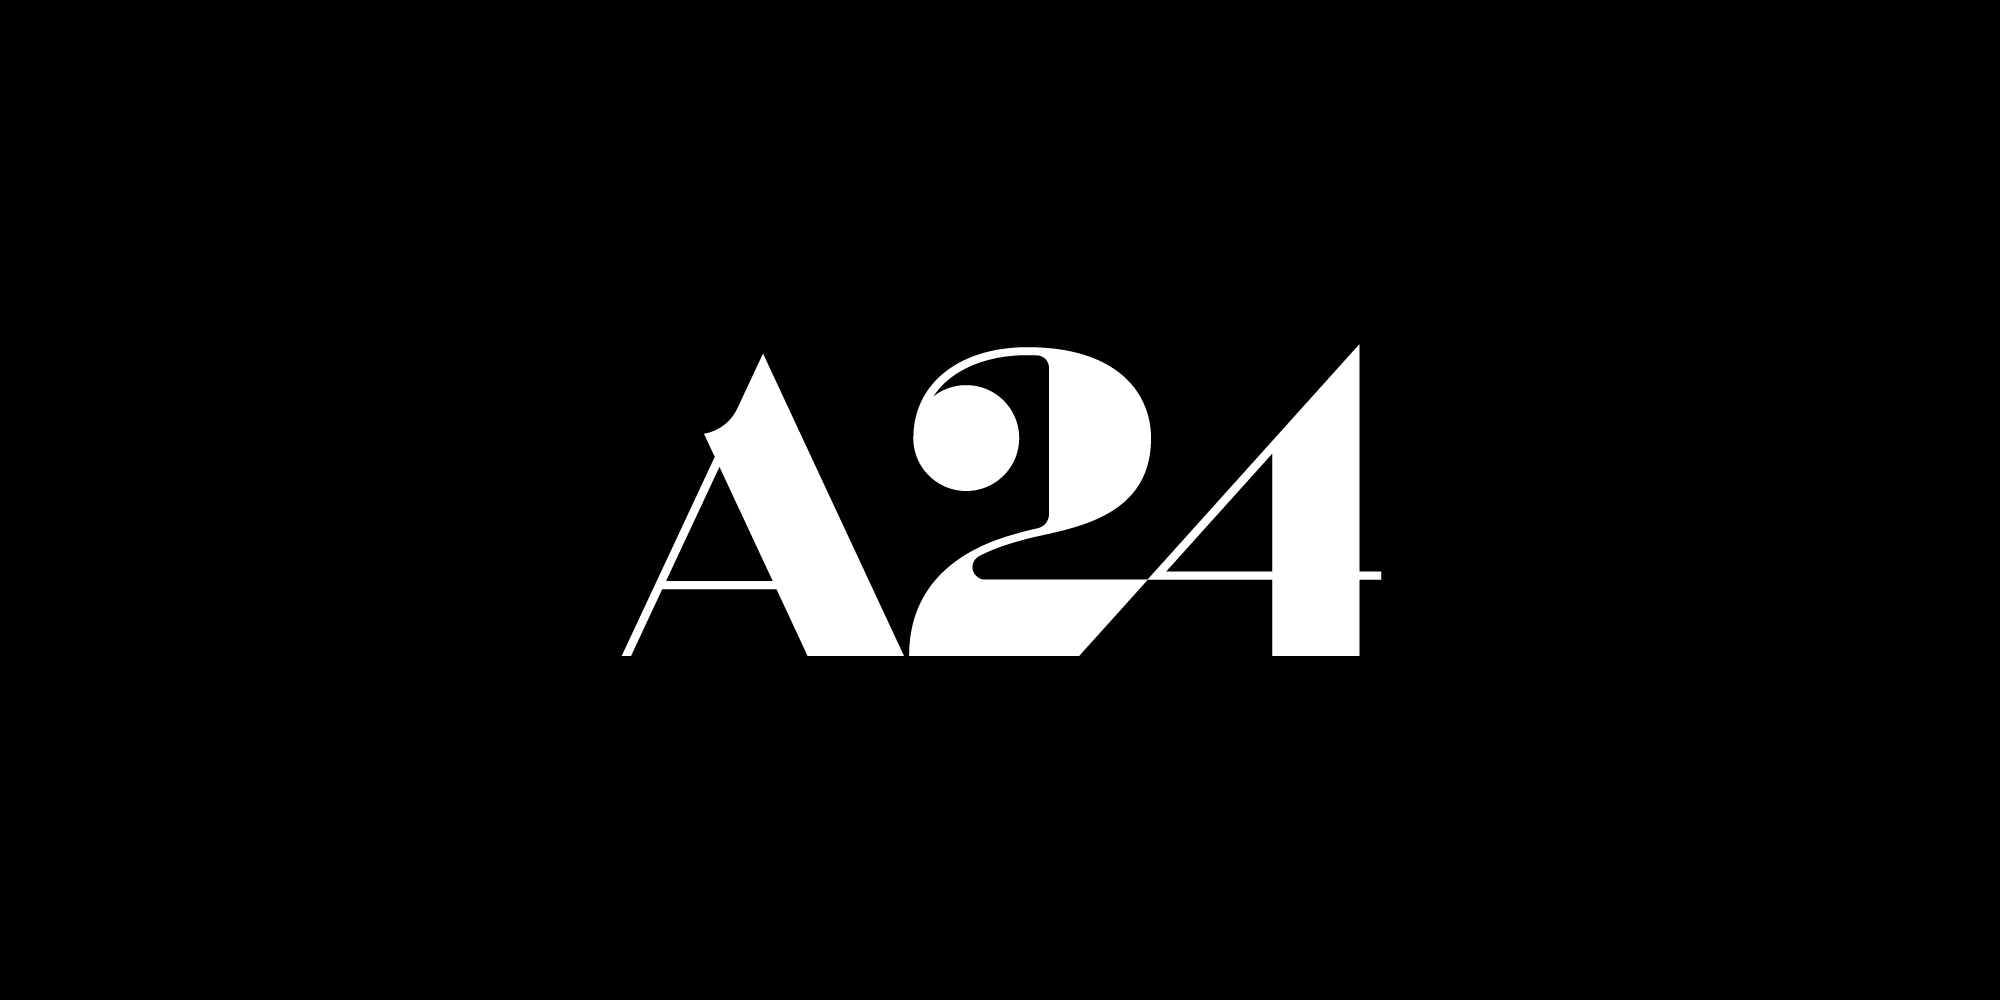 Logotipo de la productora A24